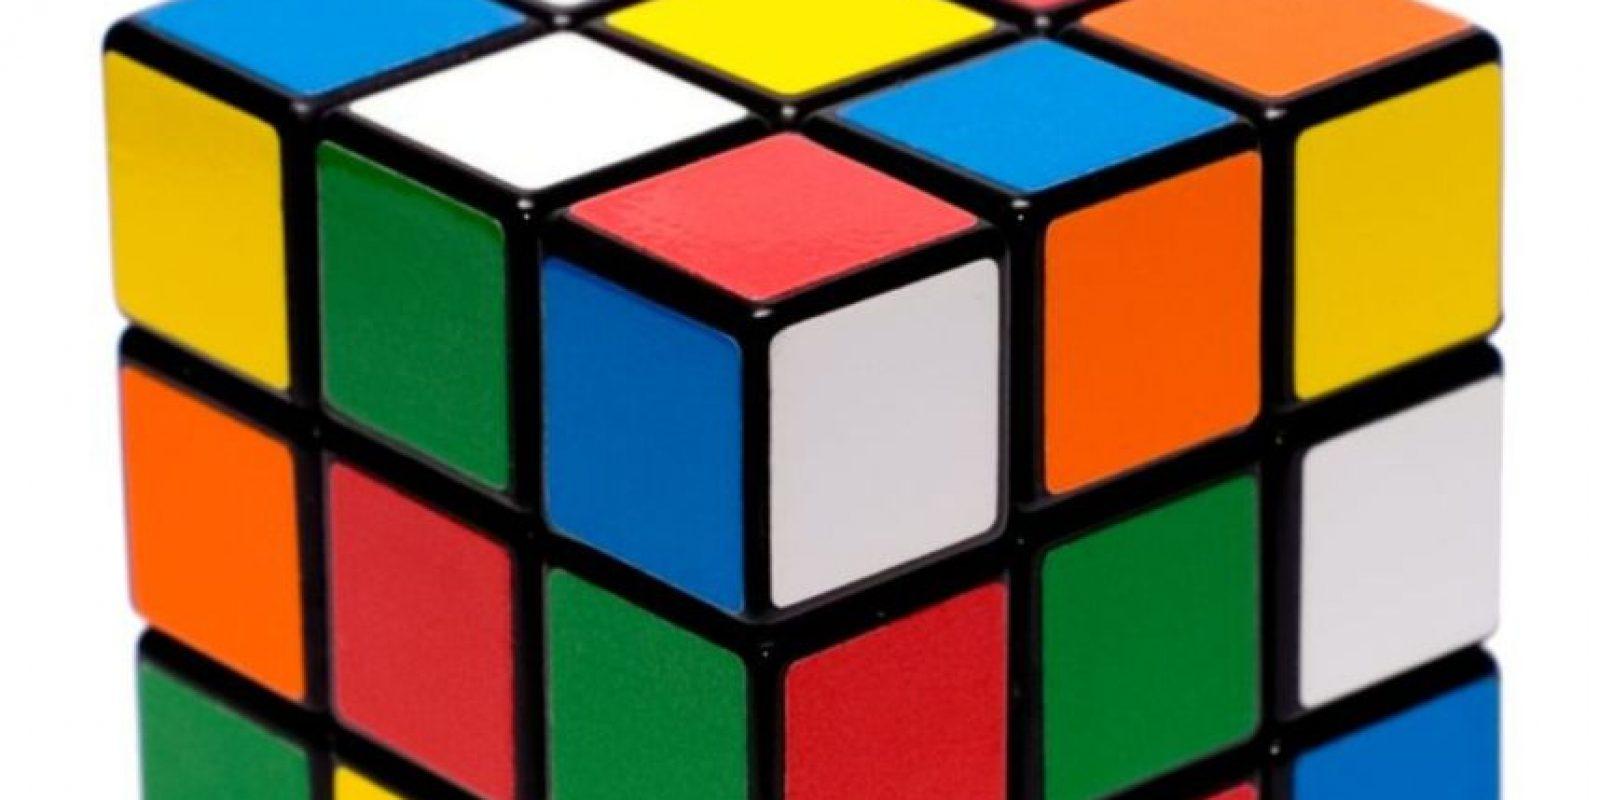 """El 19 de mayo de 1974, el escultor y profesor húngaro Ernő Rubik lanzó al mercado un """"rompecabezas"""" tridimensional que fue llamado """"cubo mágico"""". Foto:Wikicommons"""